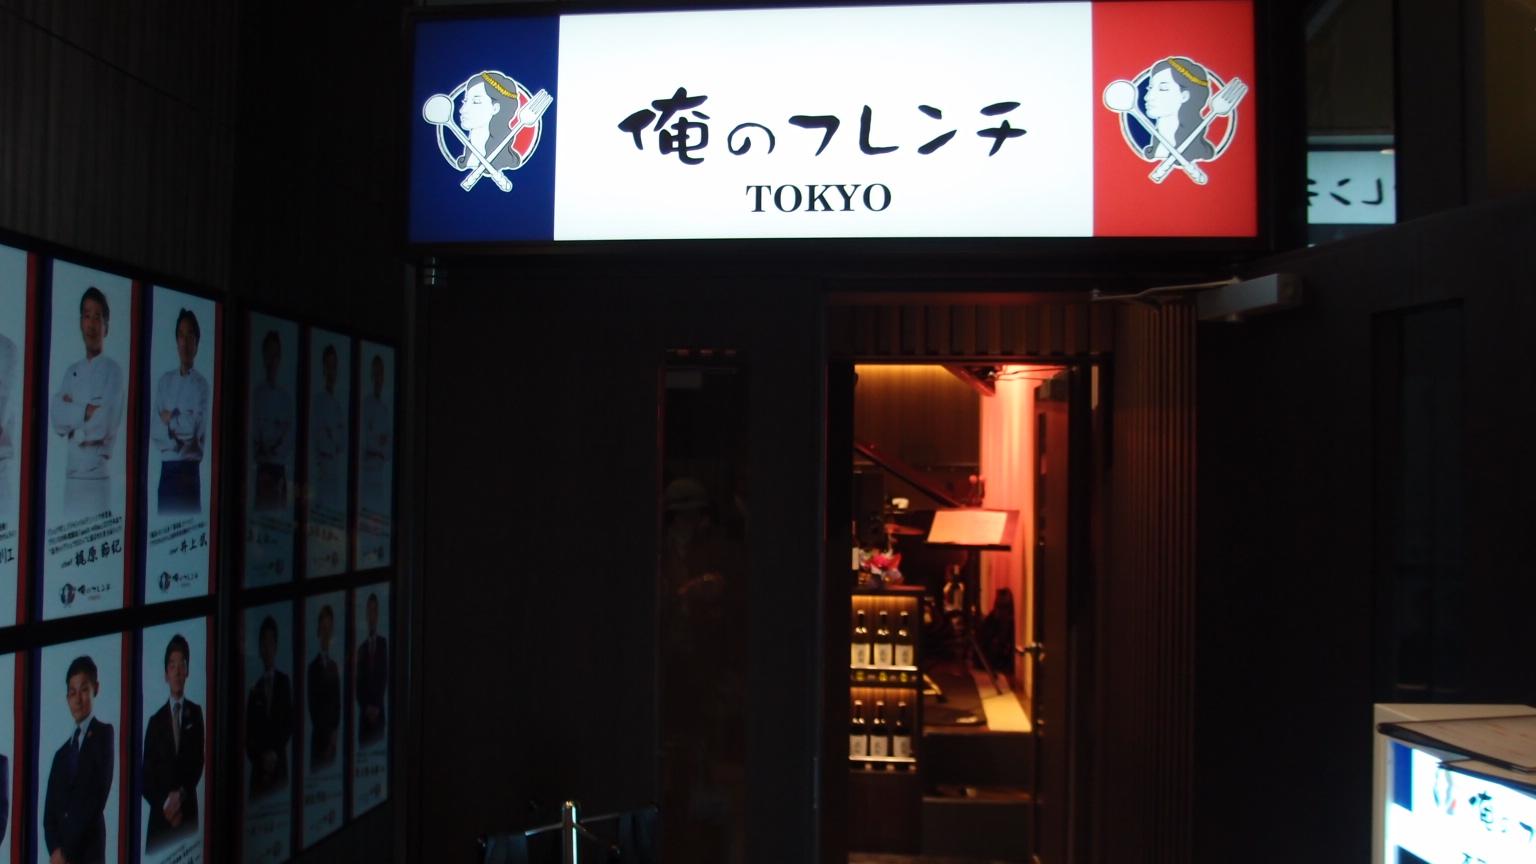 銀座まとめ 銀座エリアの「俺の」店舗紹介